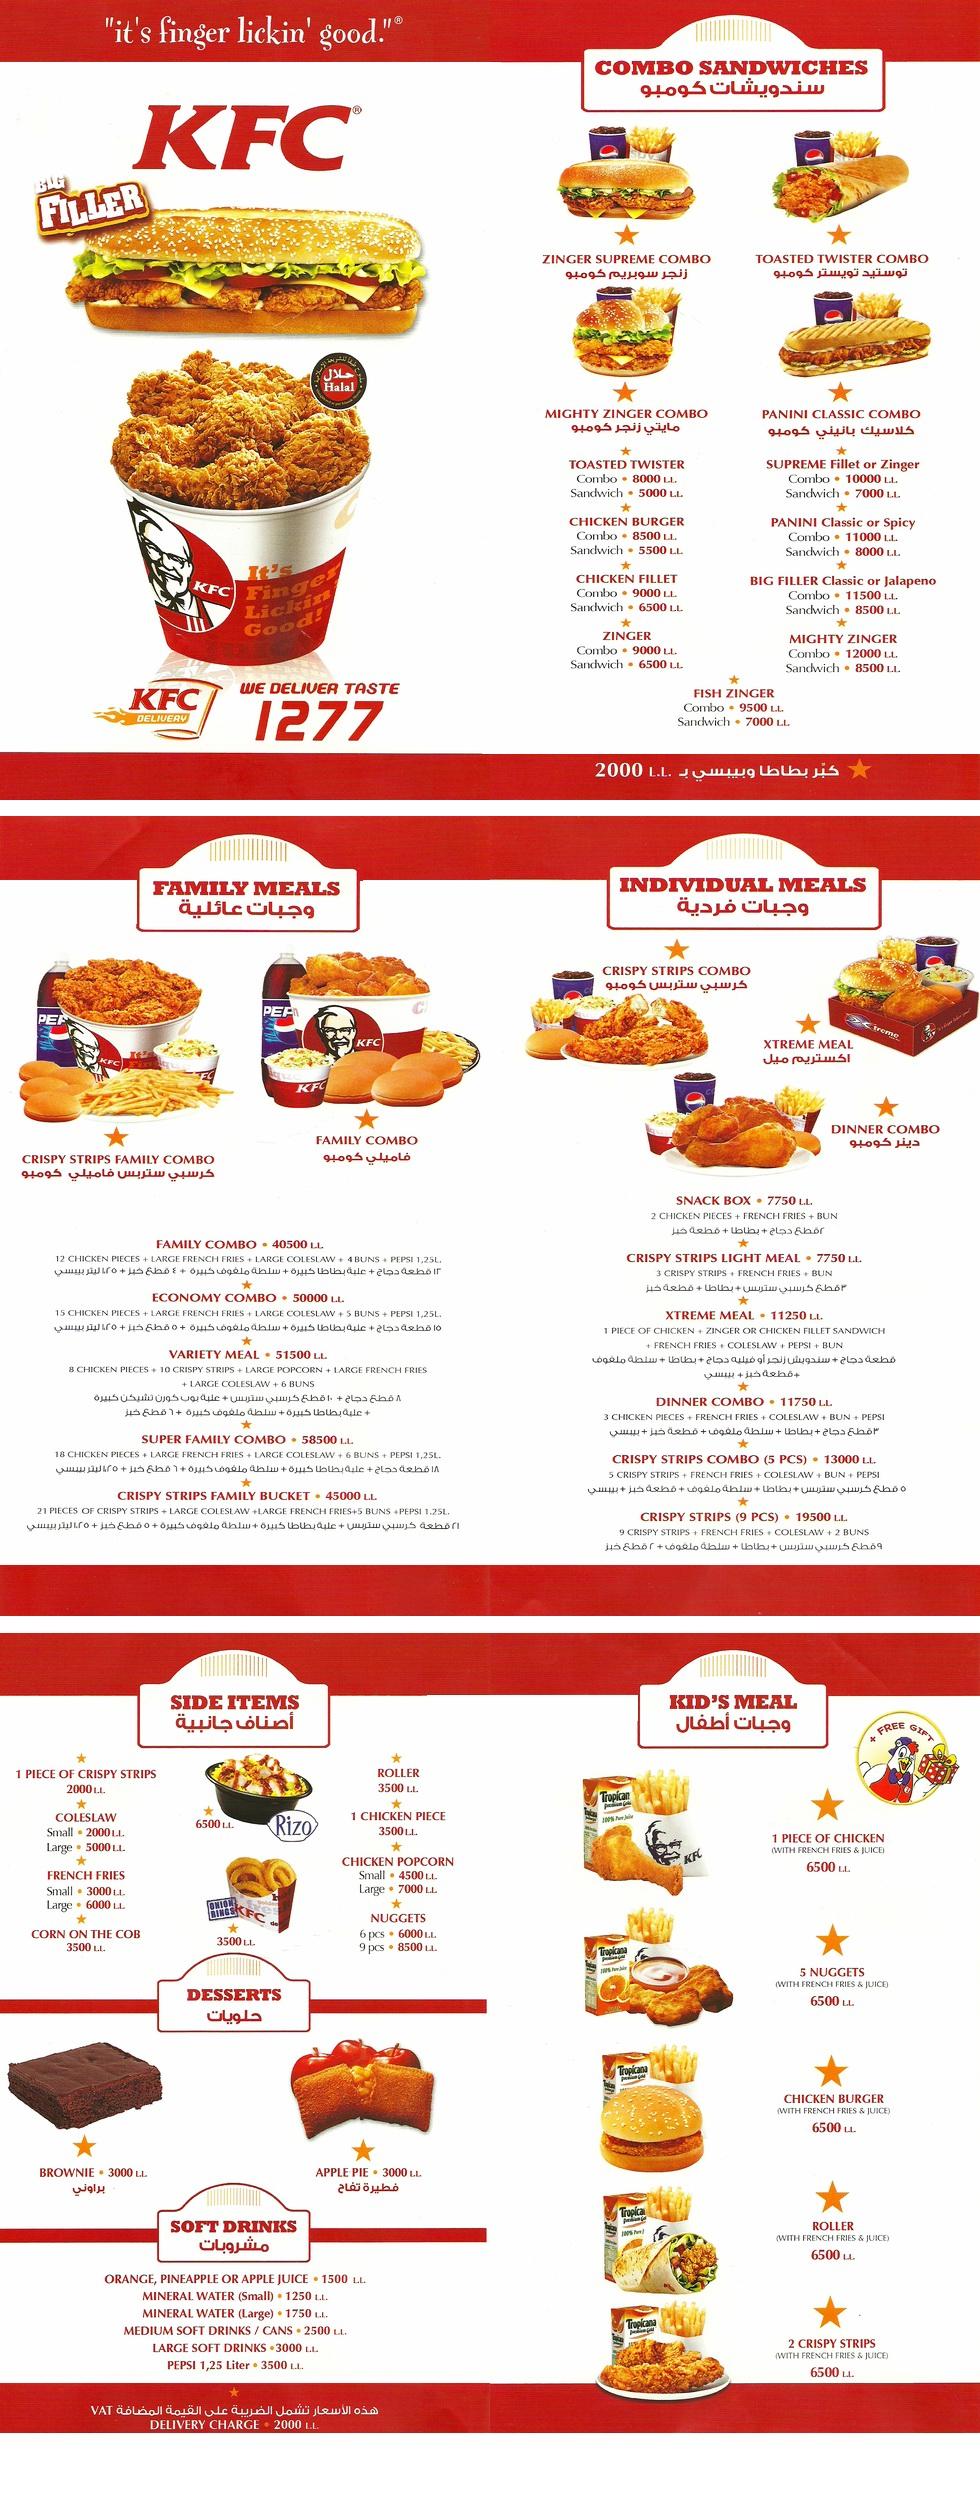 KFC Menu Prices Meal